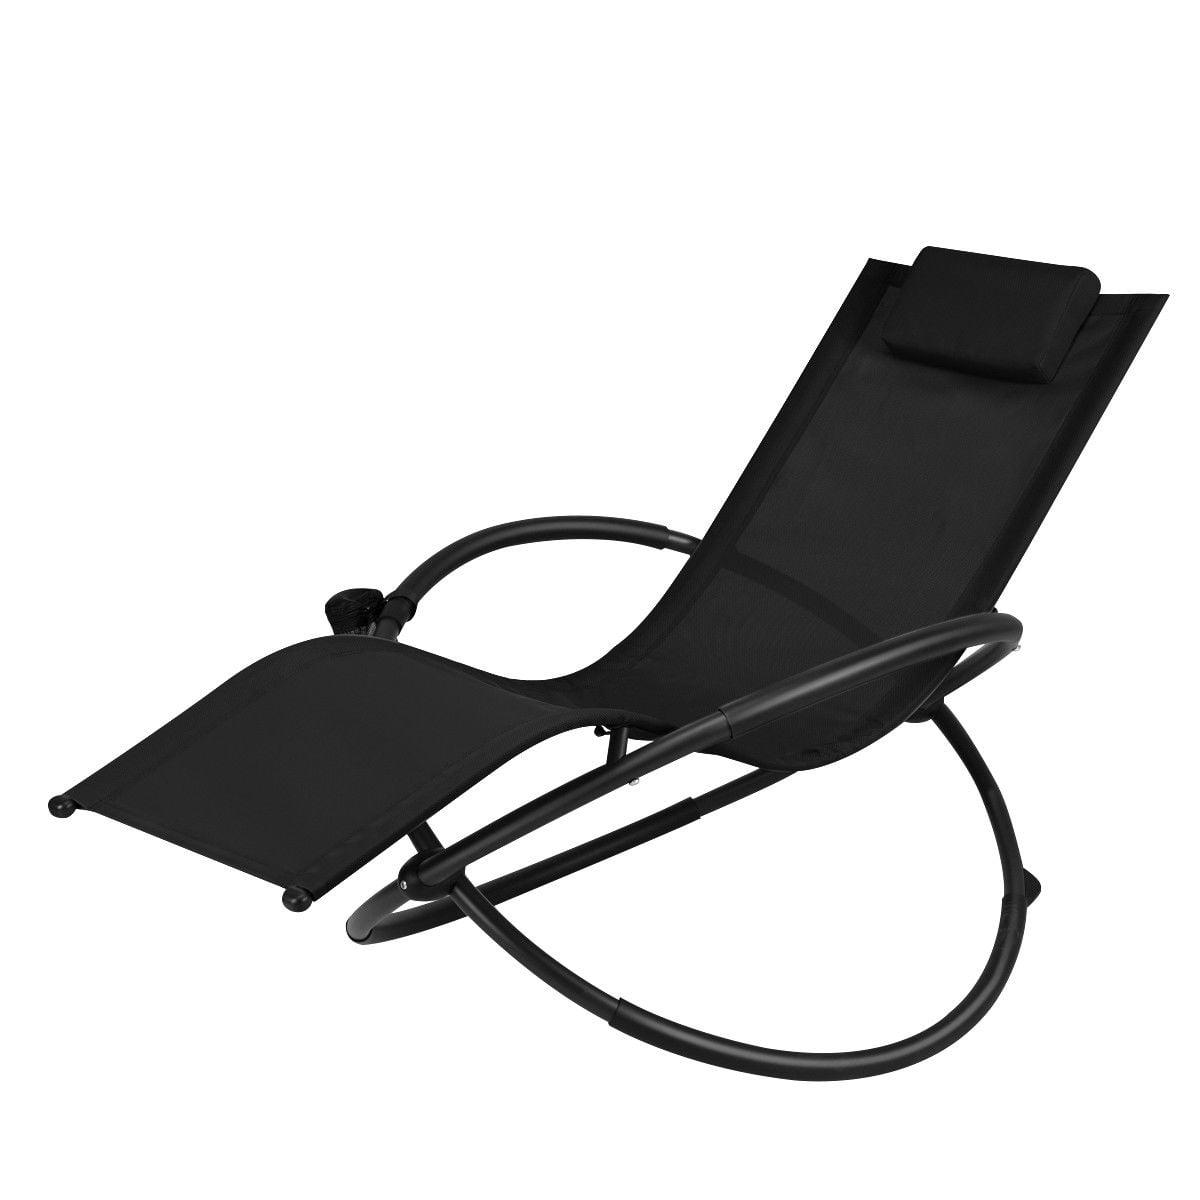 Gymax Folding Orbital frame Zero Gravity Lounge Chair w/Removable Pillow Black